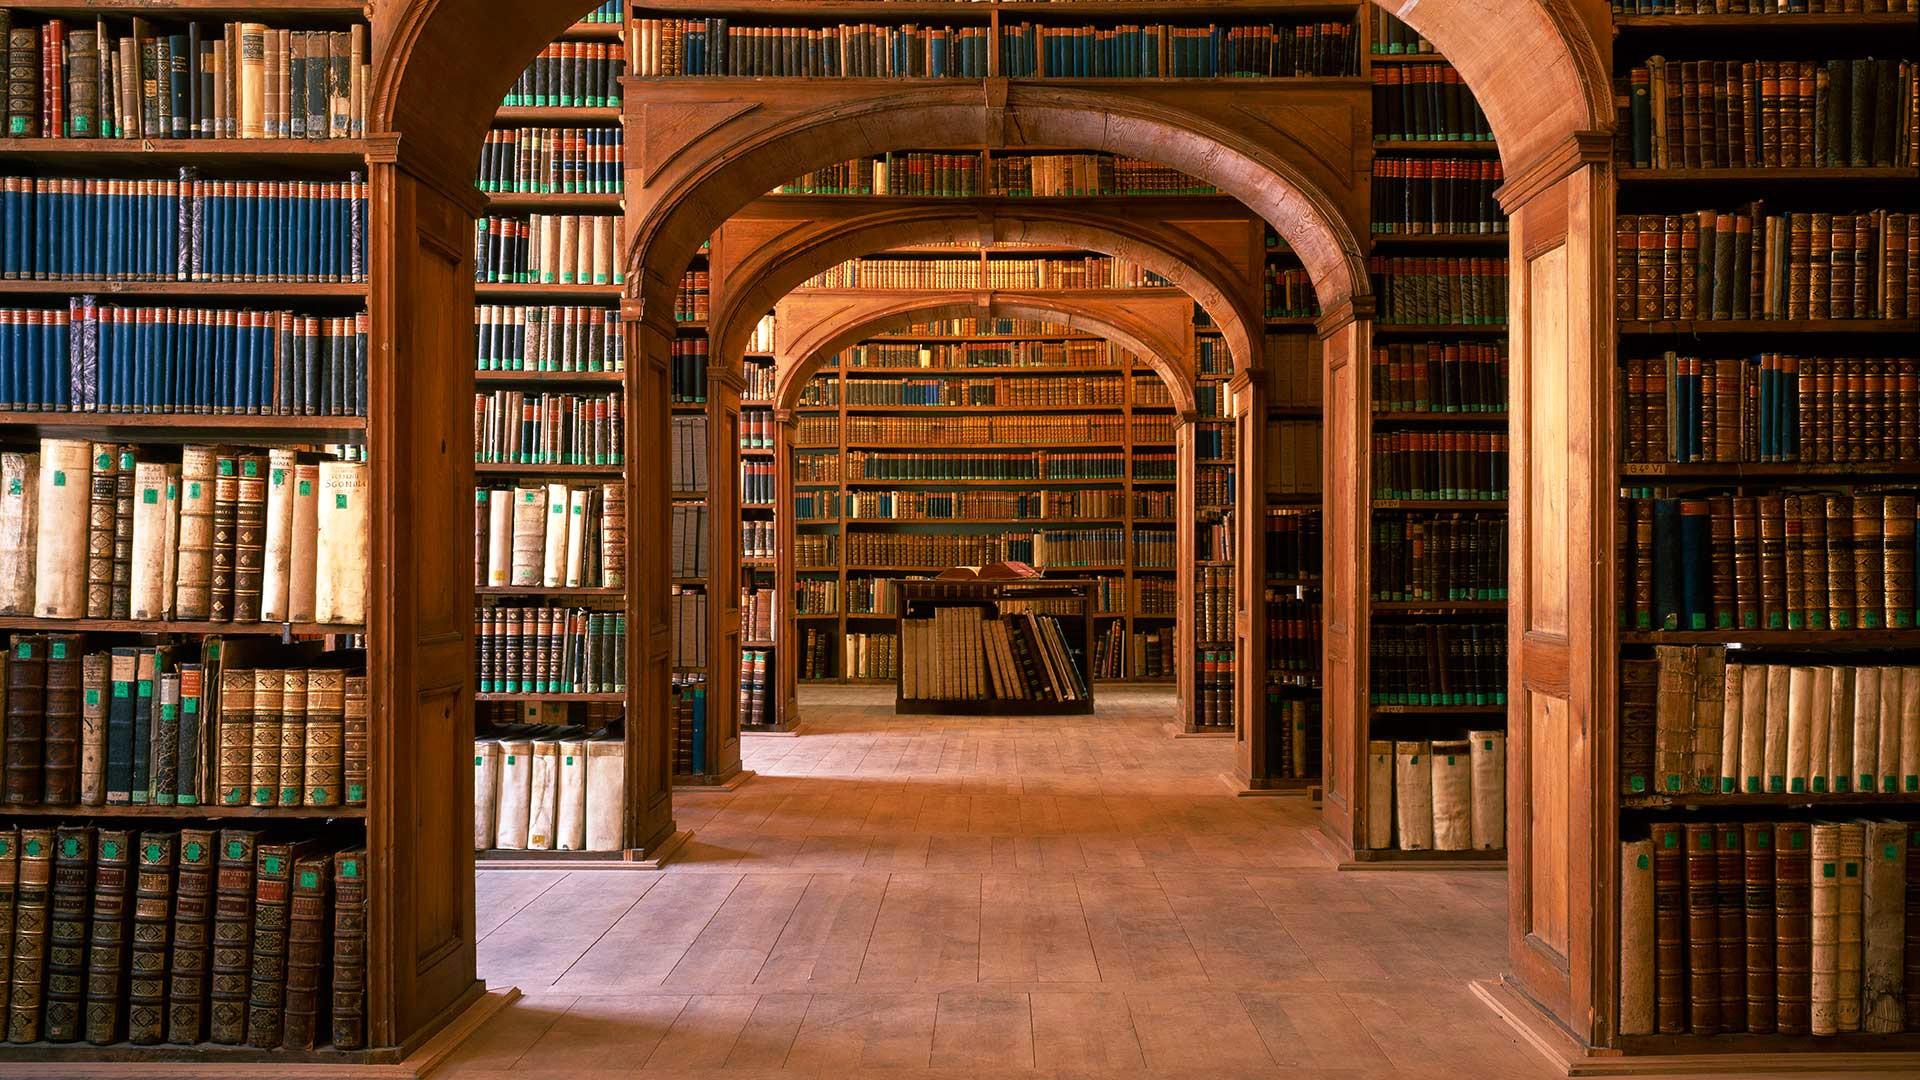 Fondos De Pantalla Edificio Interior Libros